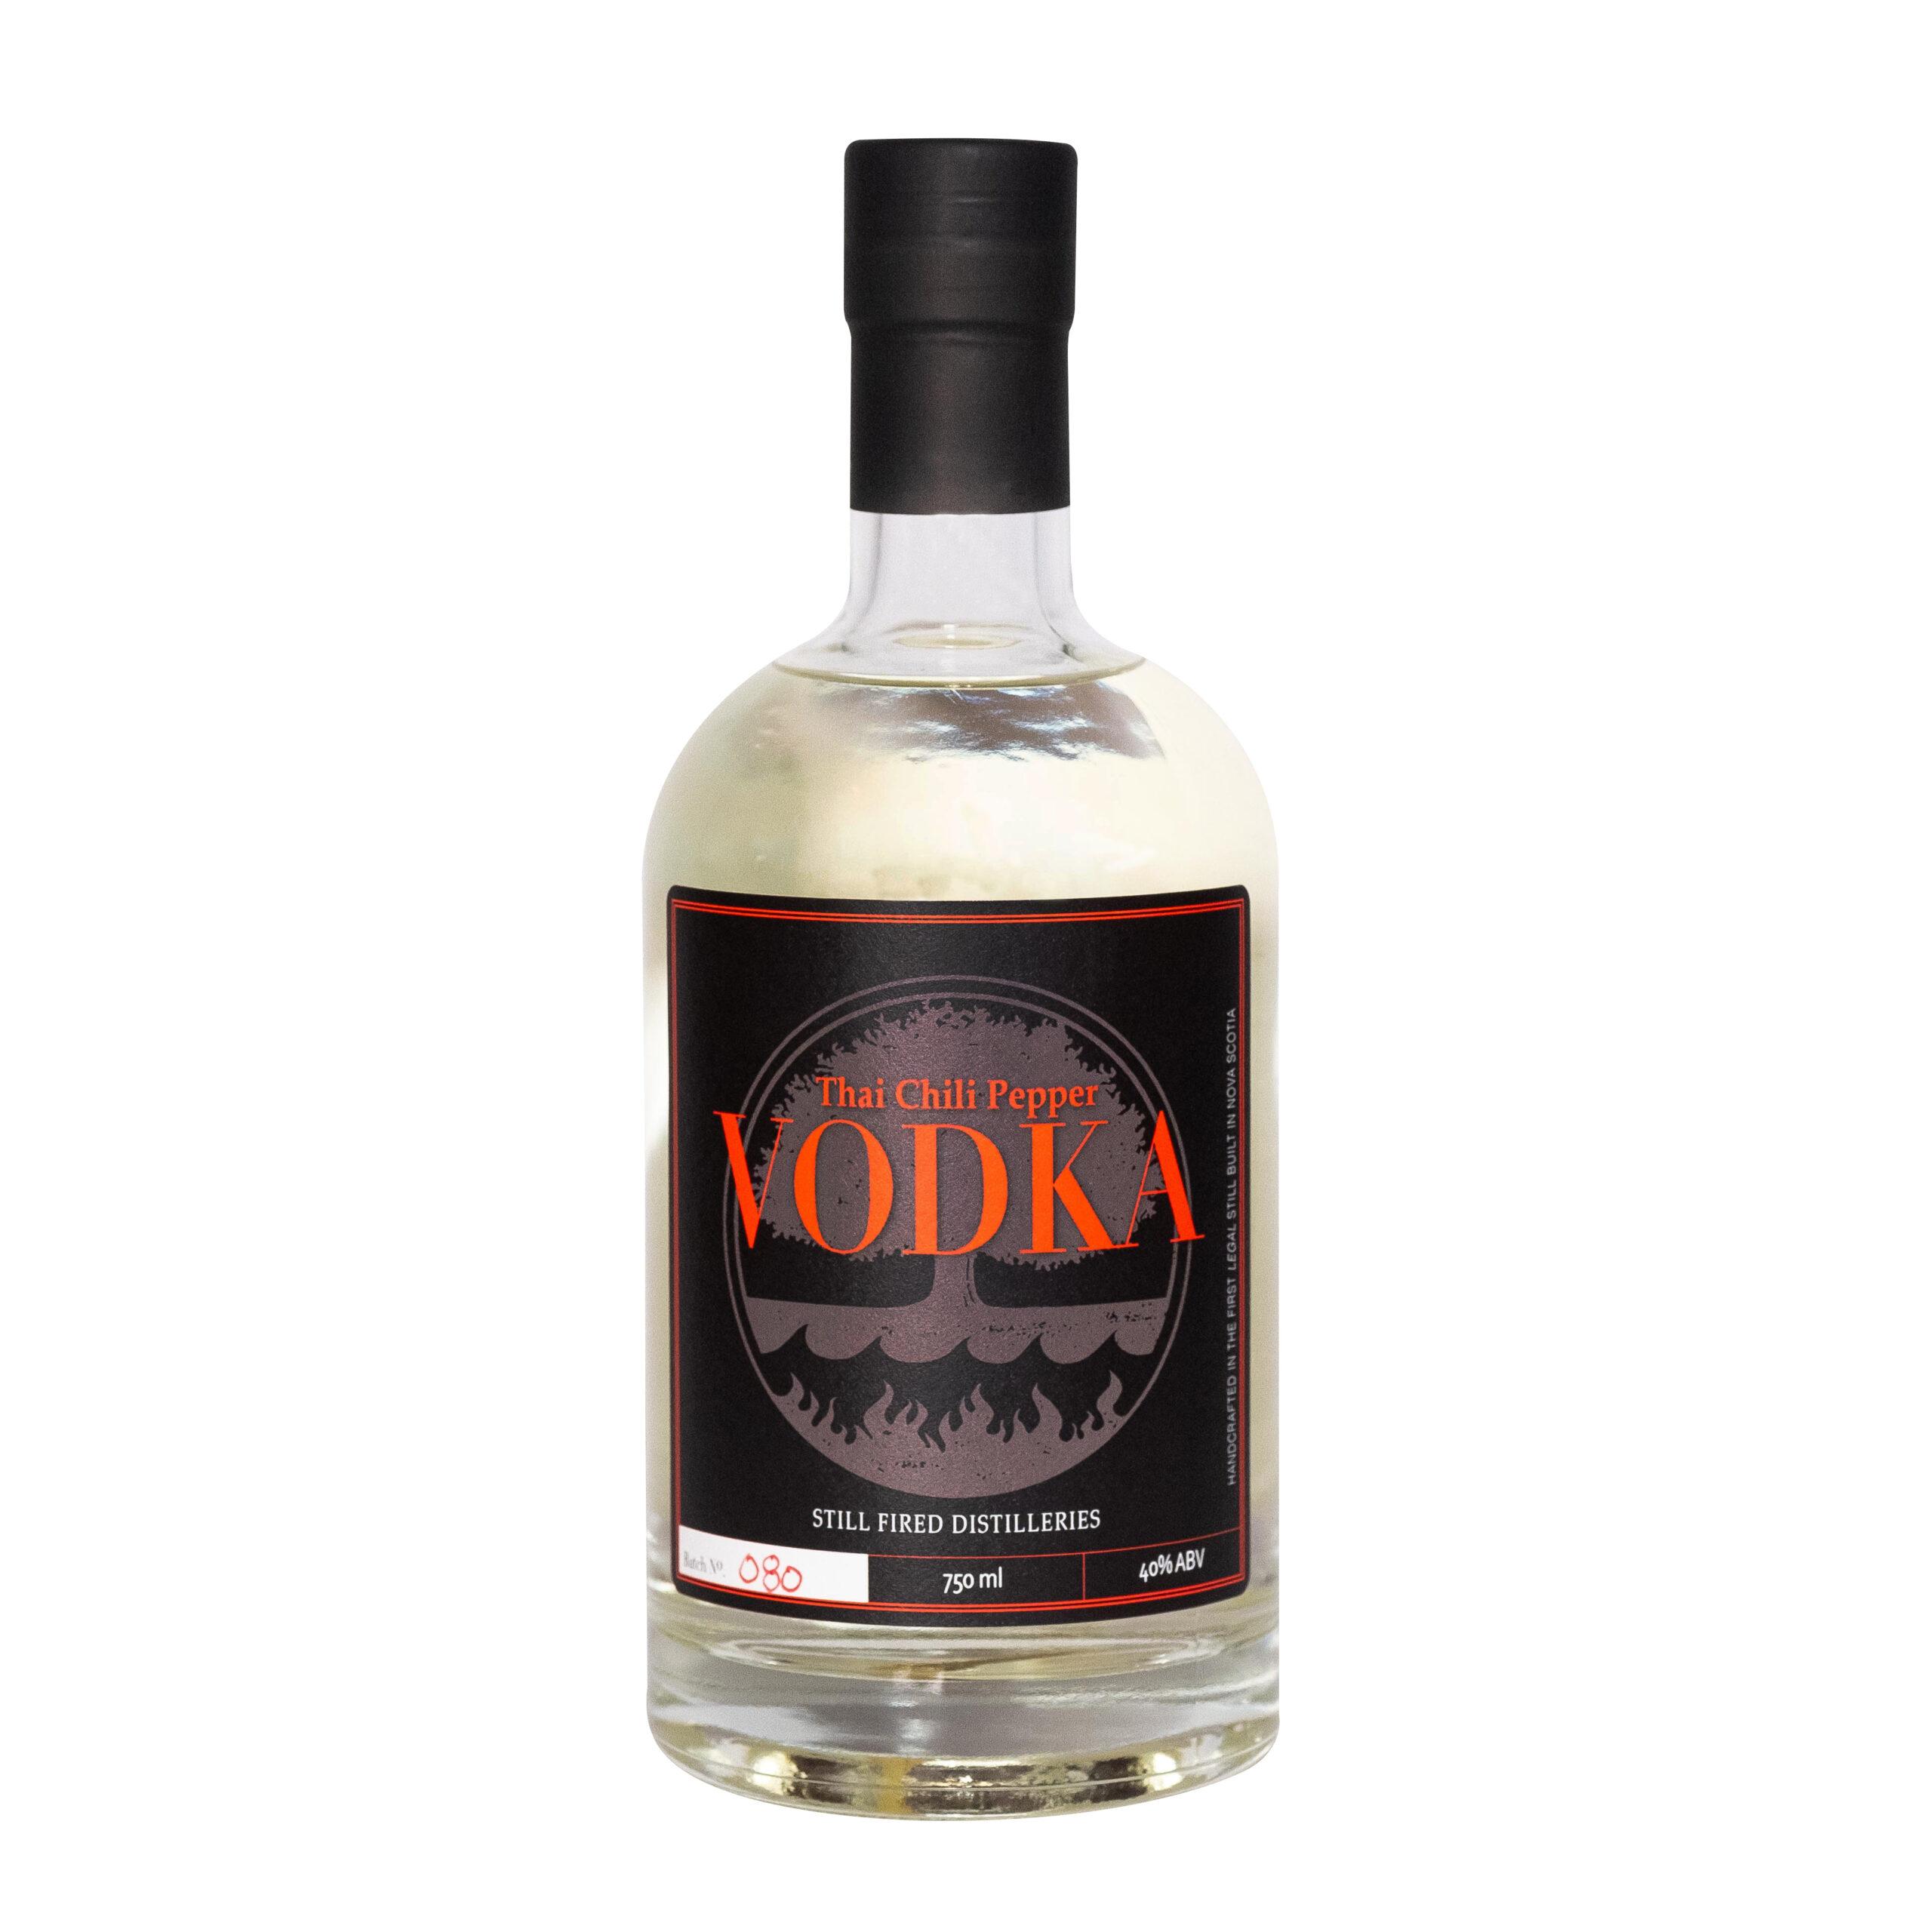 Thai Chili Vodka